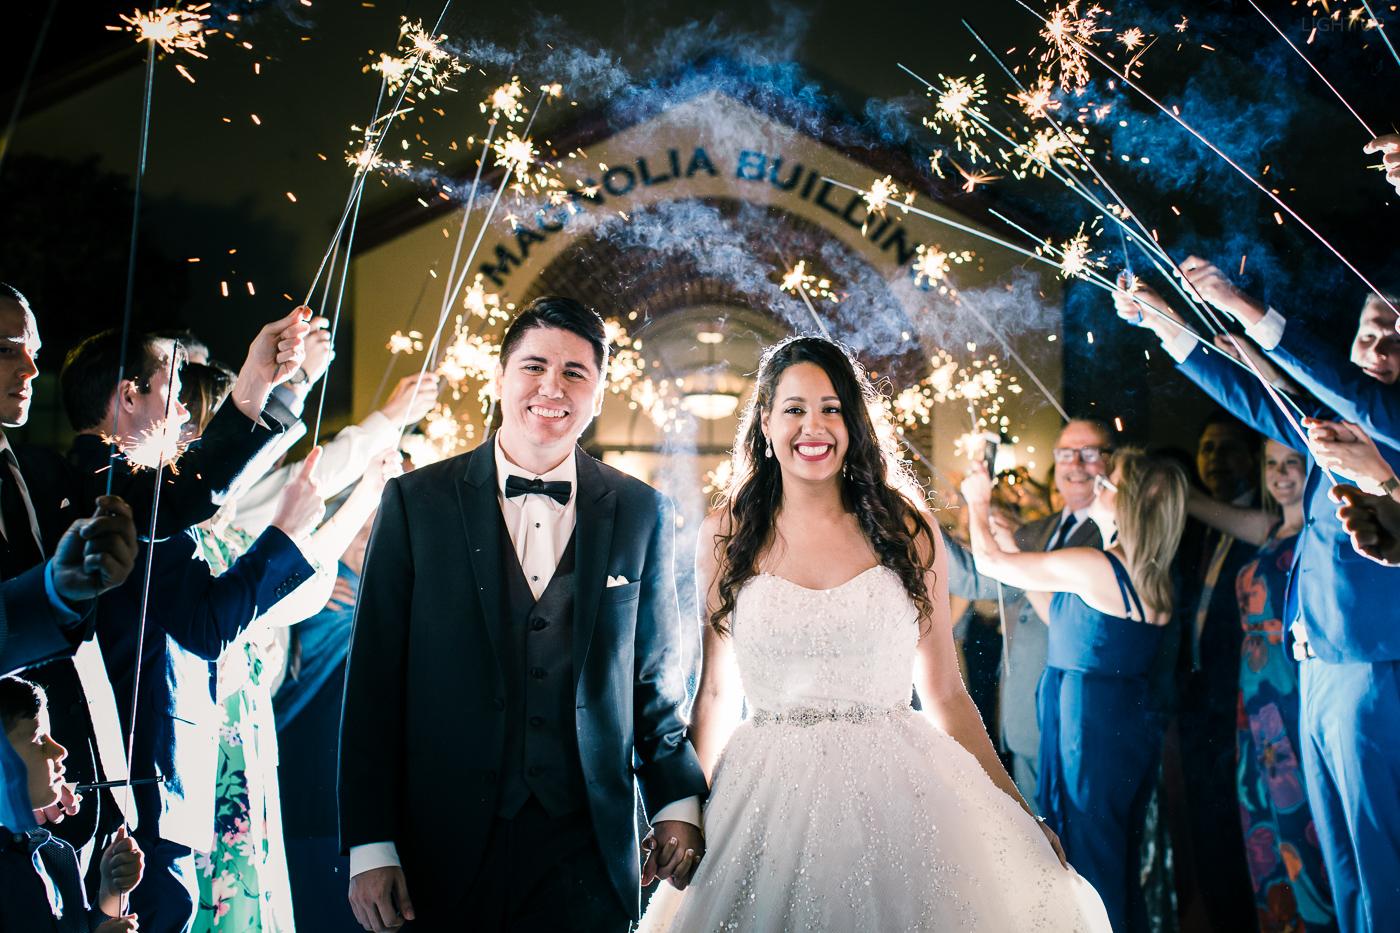 bride and groom at magnolia building wedding-5.jpg